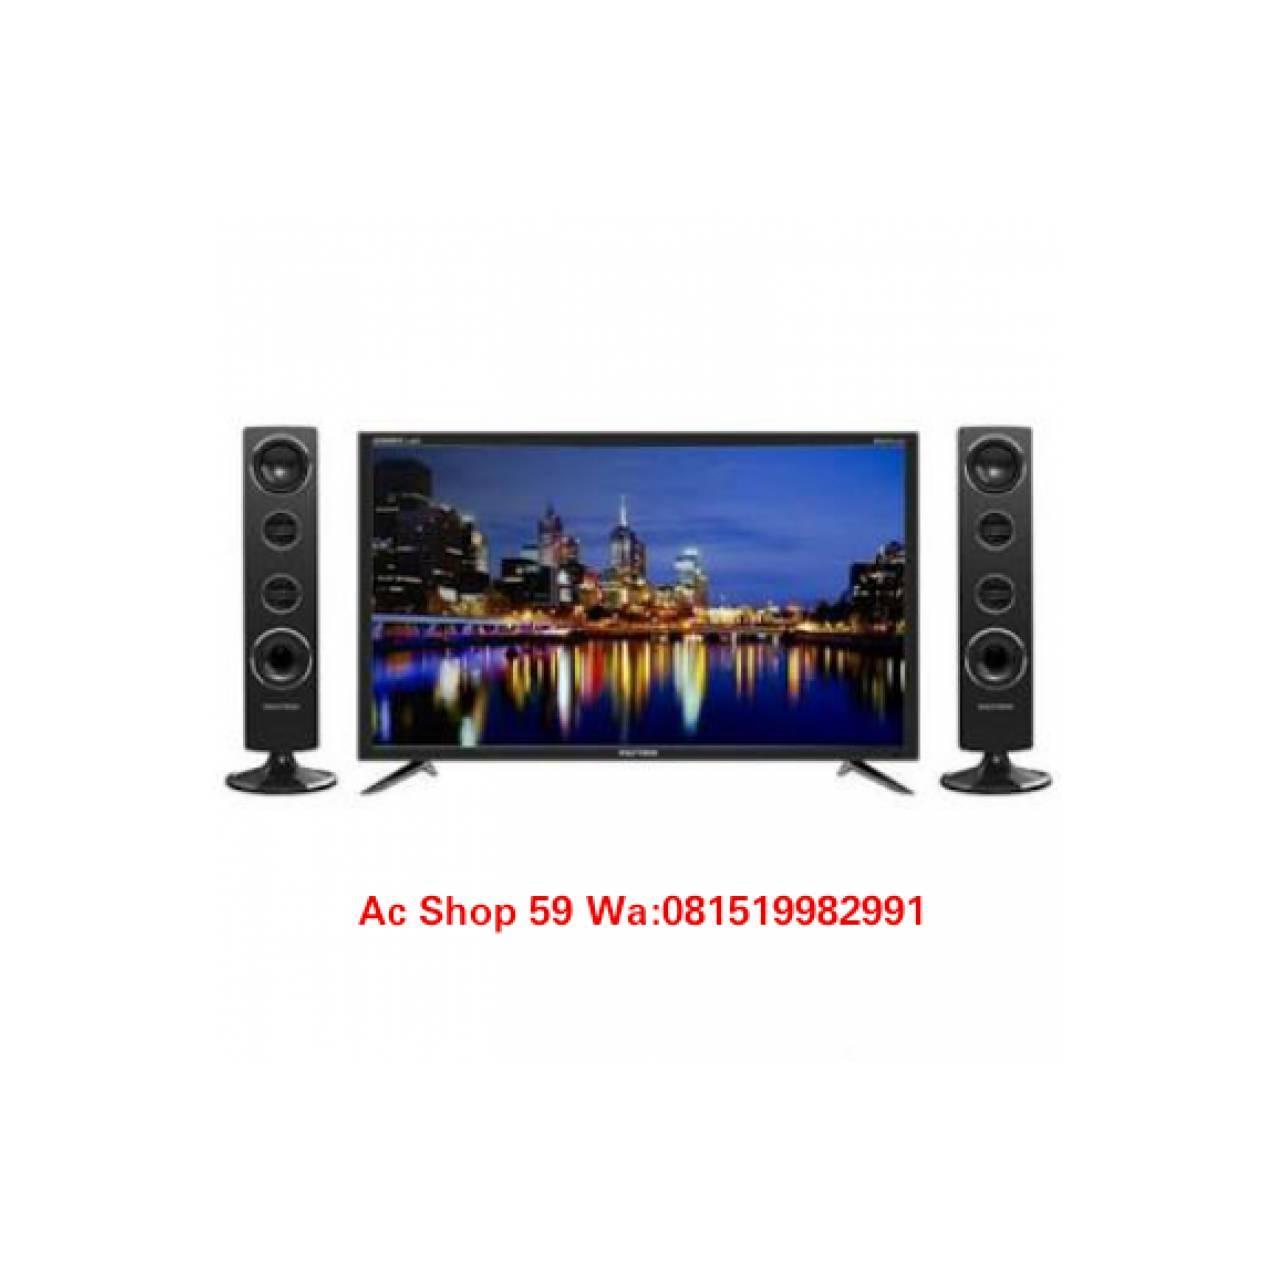 LED TV POLITRON PLD 32 T7511 SINEMAX 2 TOWER PASSIVE SPEAKER XBR NEW